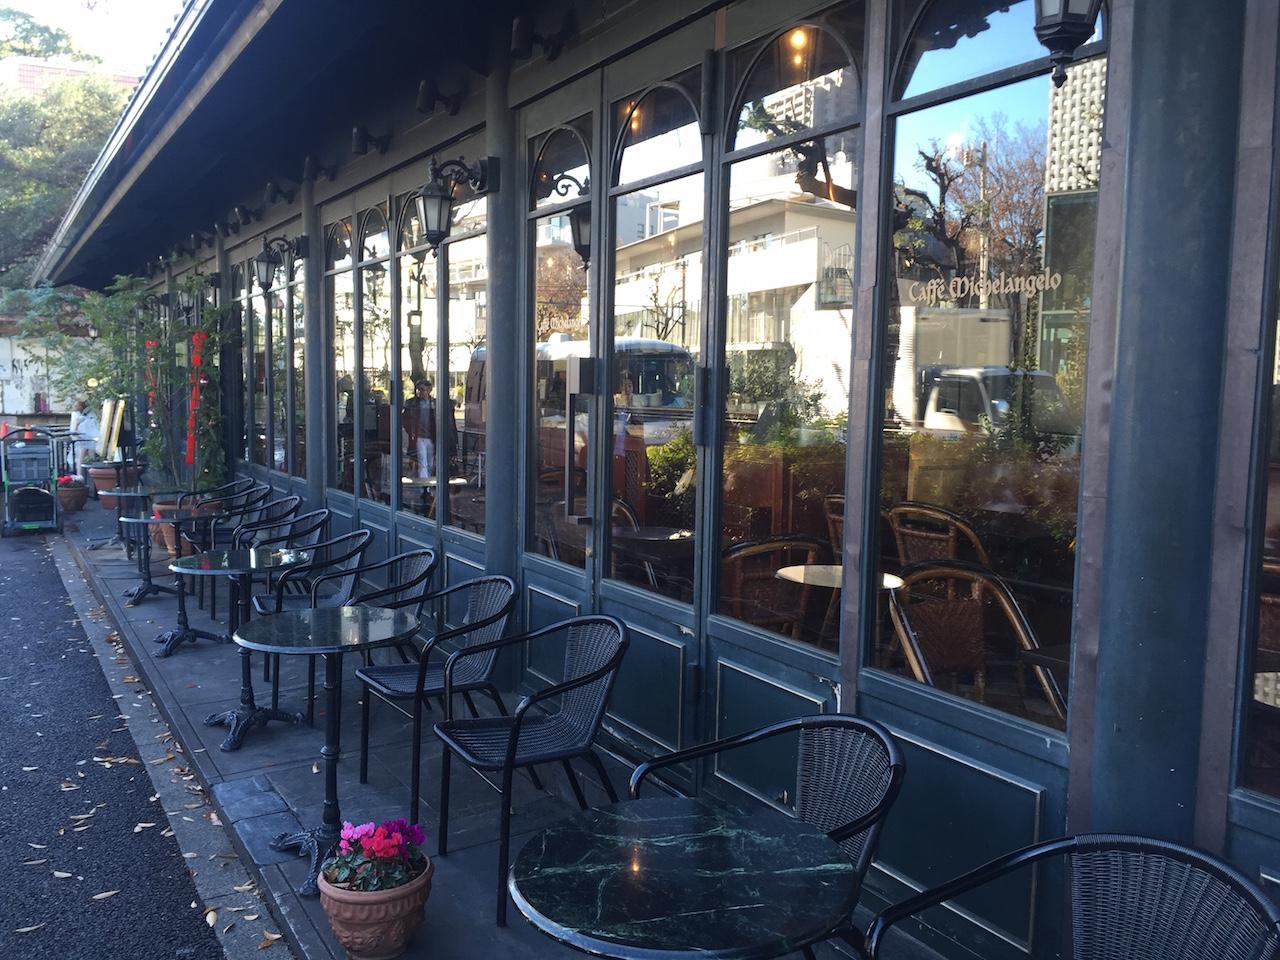 まだ営業してませんでしたが、代官山で一番好きなカフェ「ミケランジェロ」。ココは雰囲気がもう完全に外国です。是非一度行ってみてください。